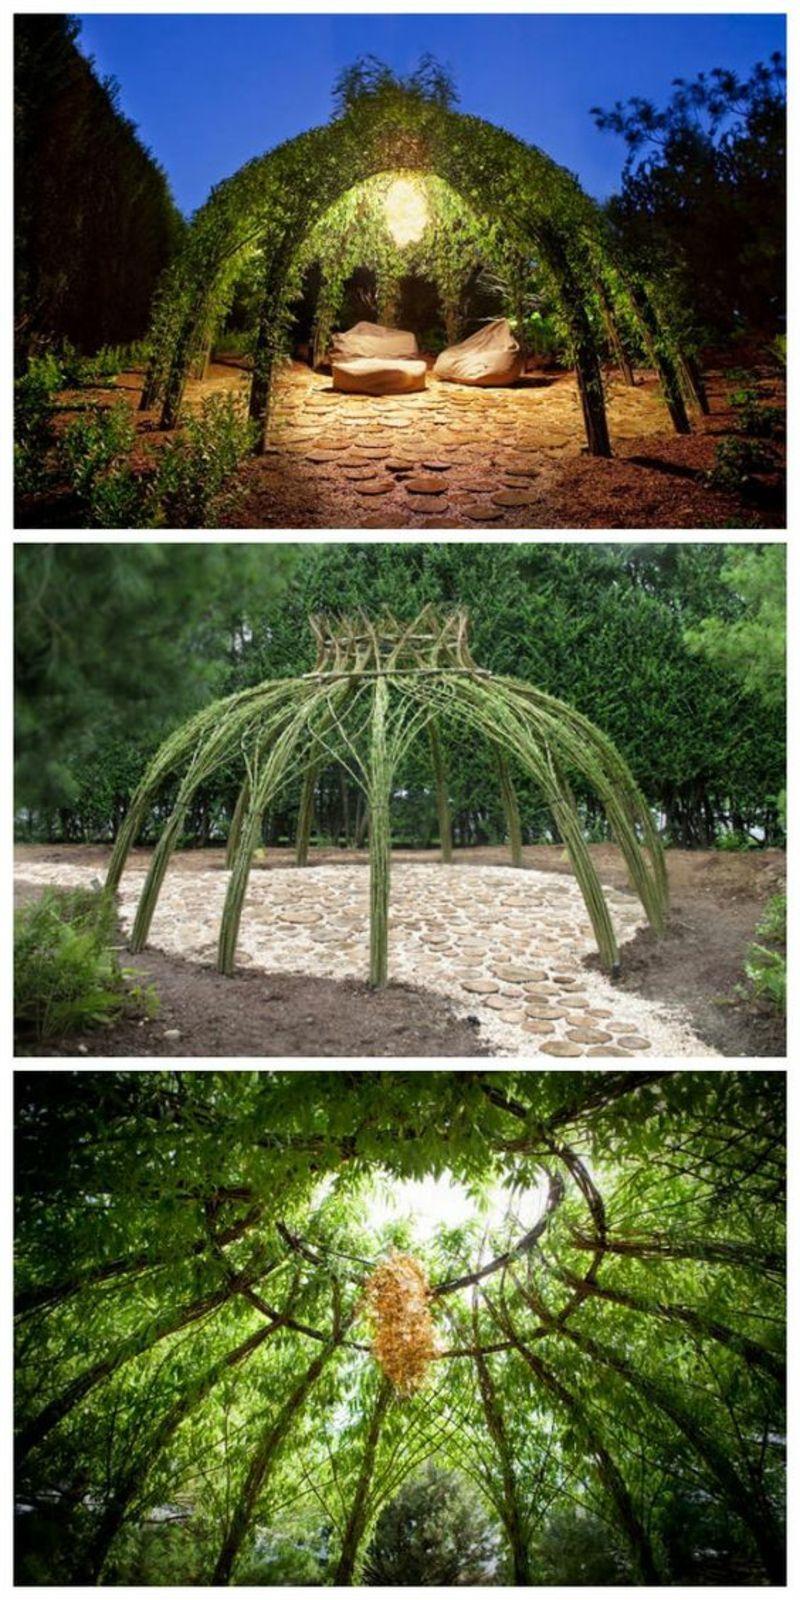 kreative Gaertenideen Gartenarbeit Gartenlaube Kletterpflanzen